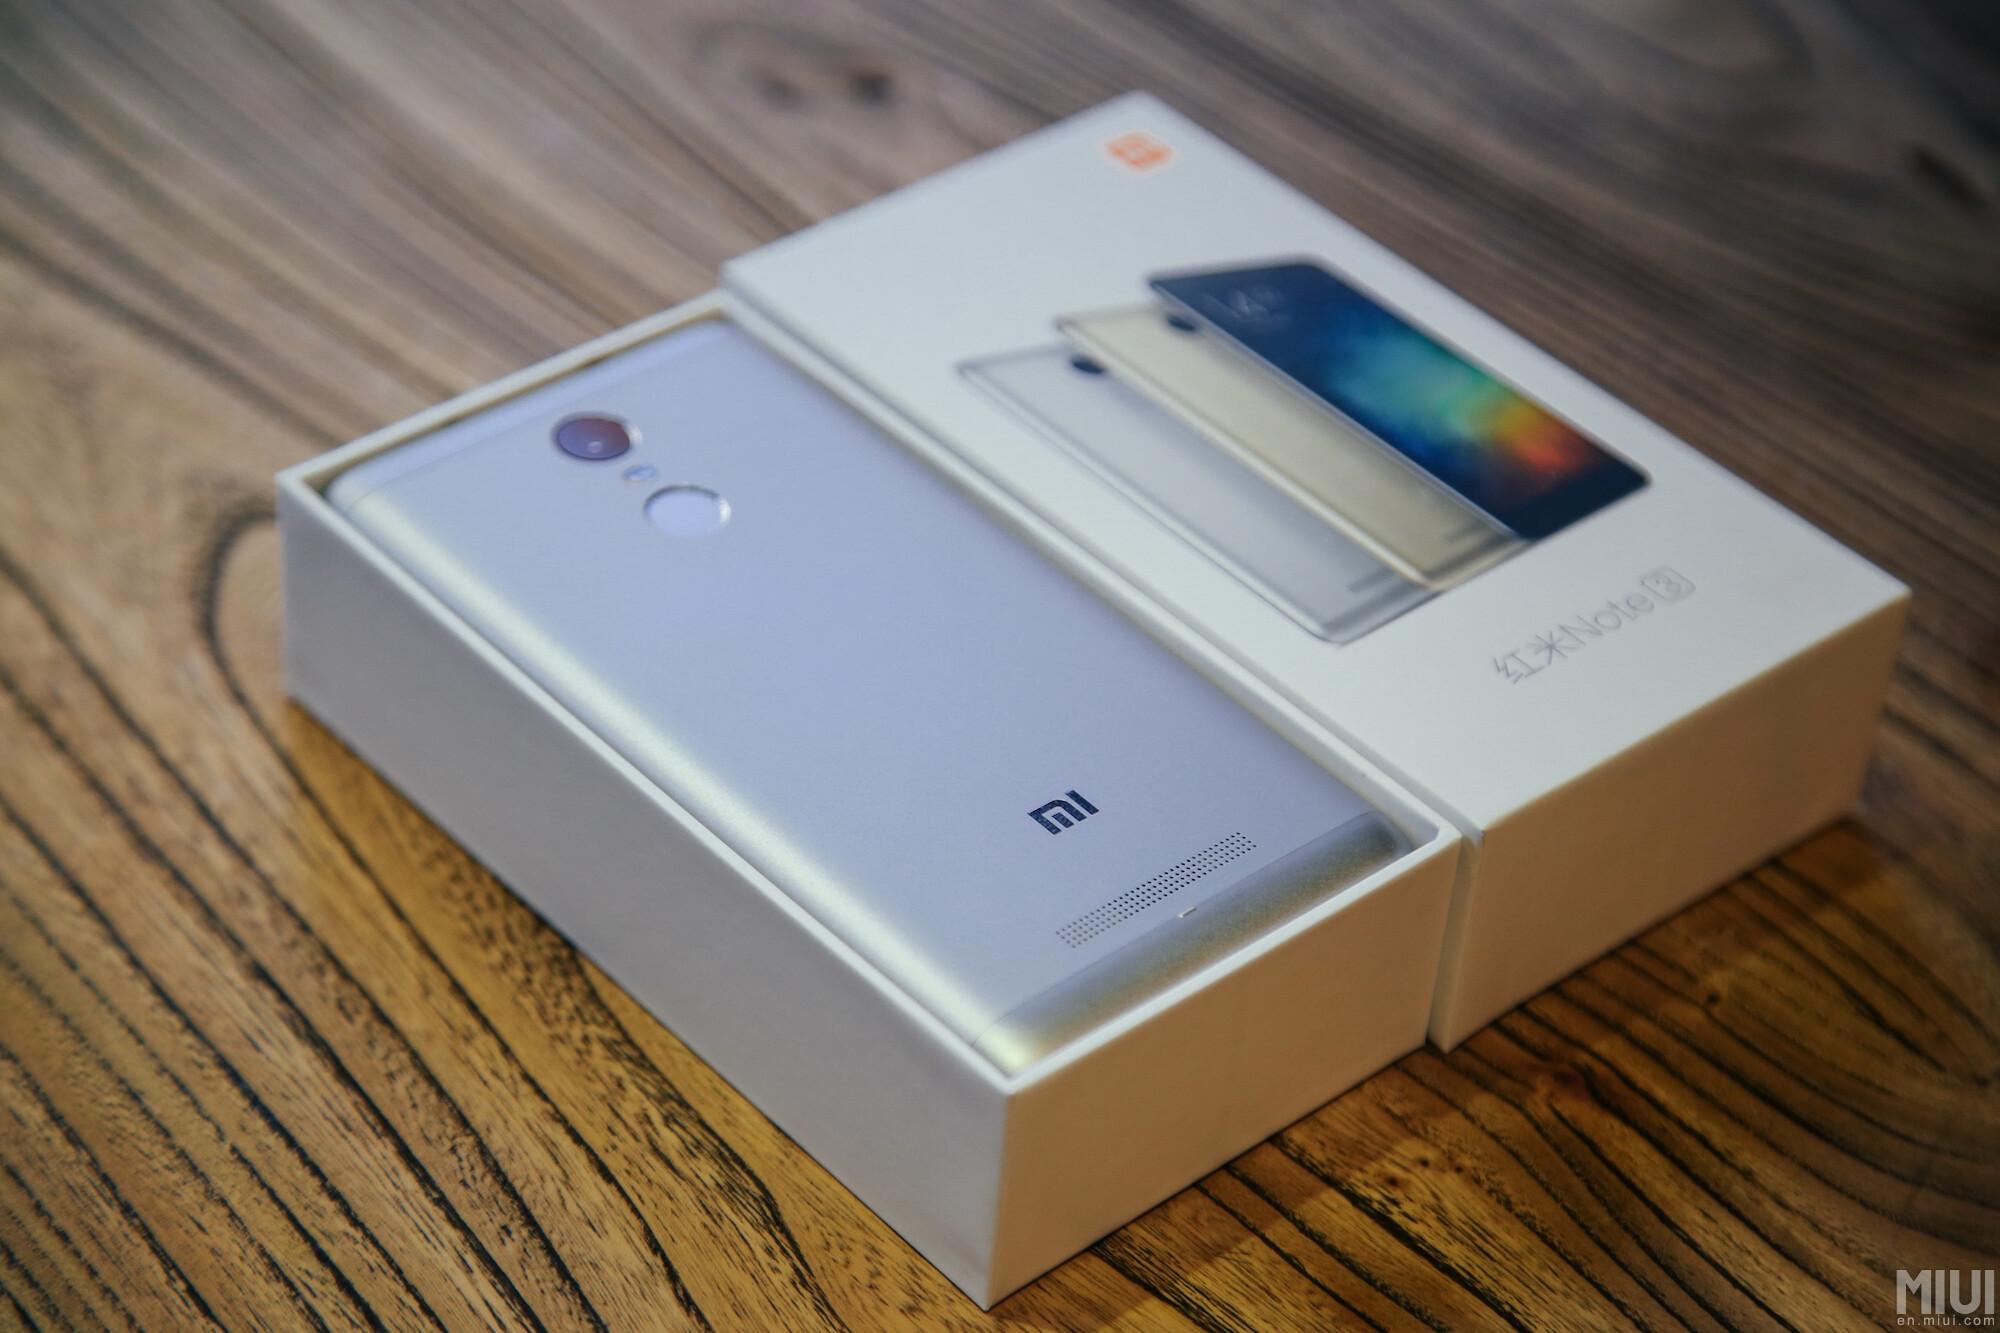 شياومي تكشف النقاب عن هاتفها الذكي الجديد Redmi Note 3 3